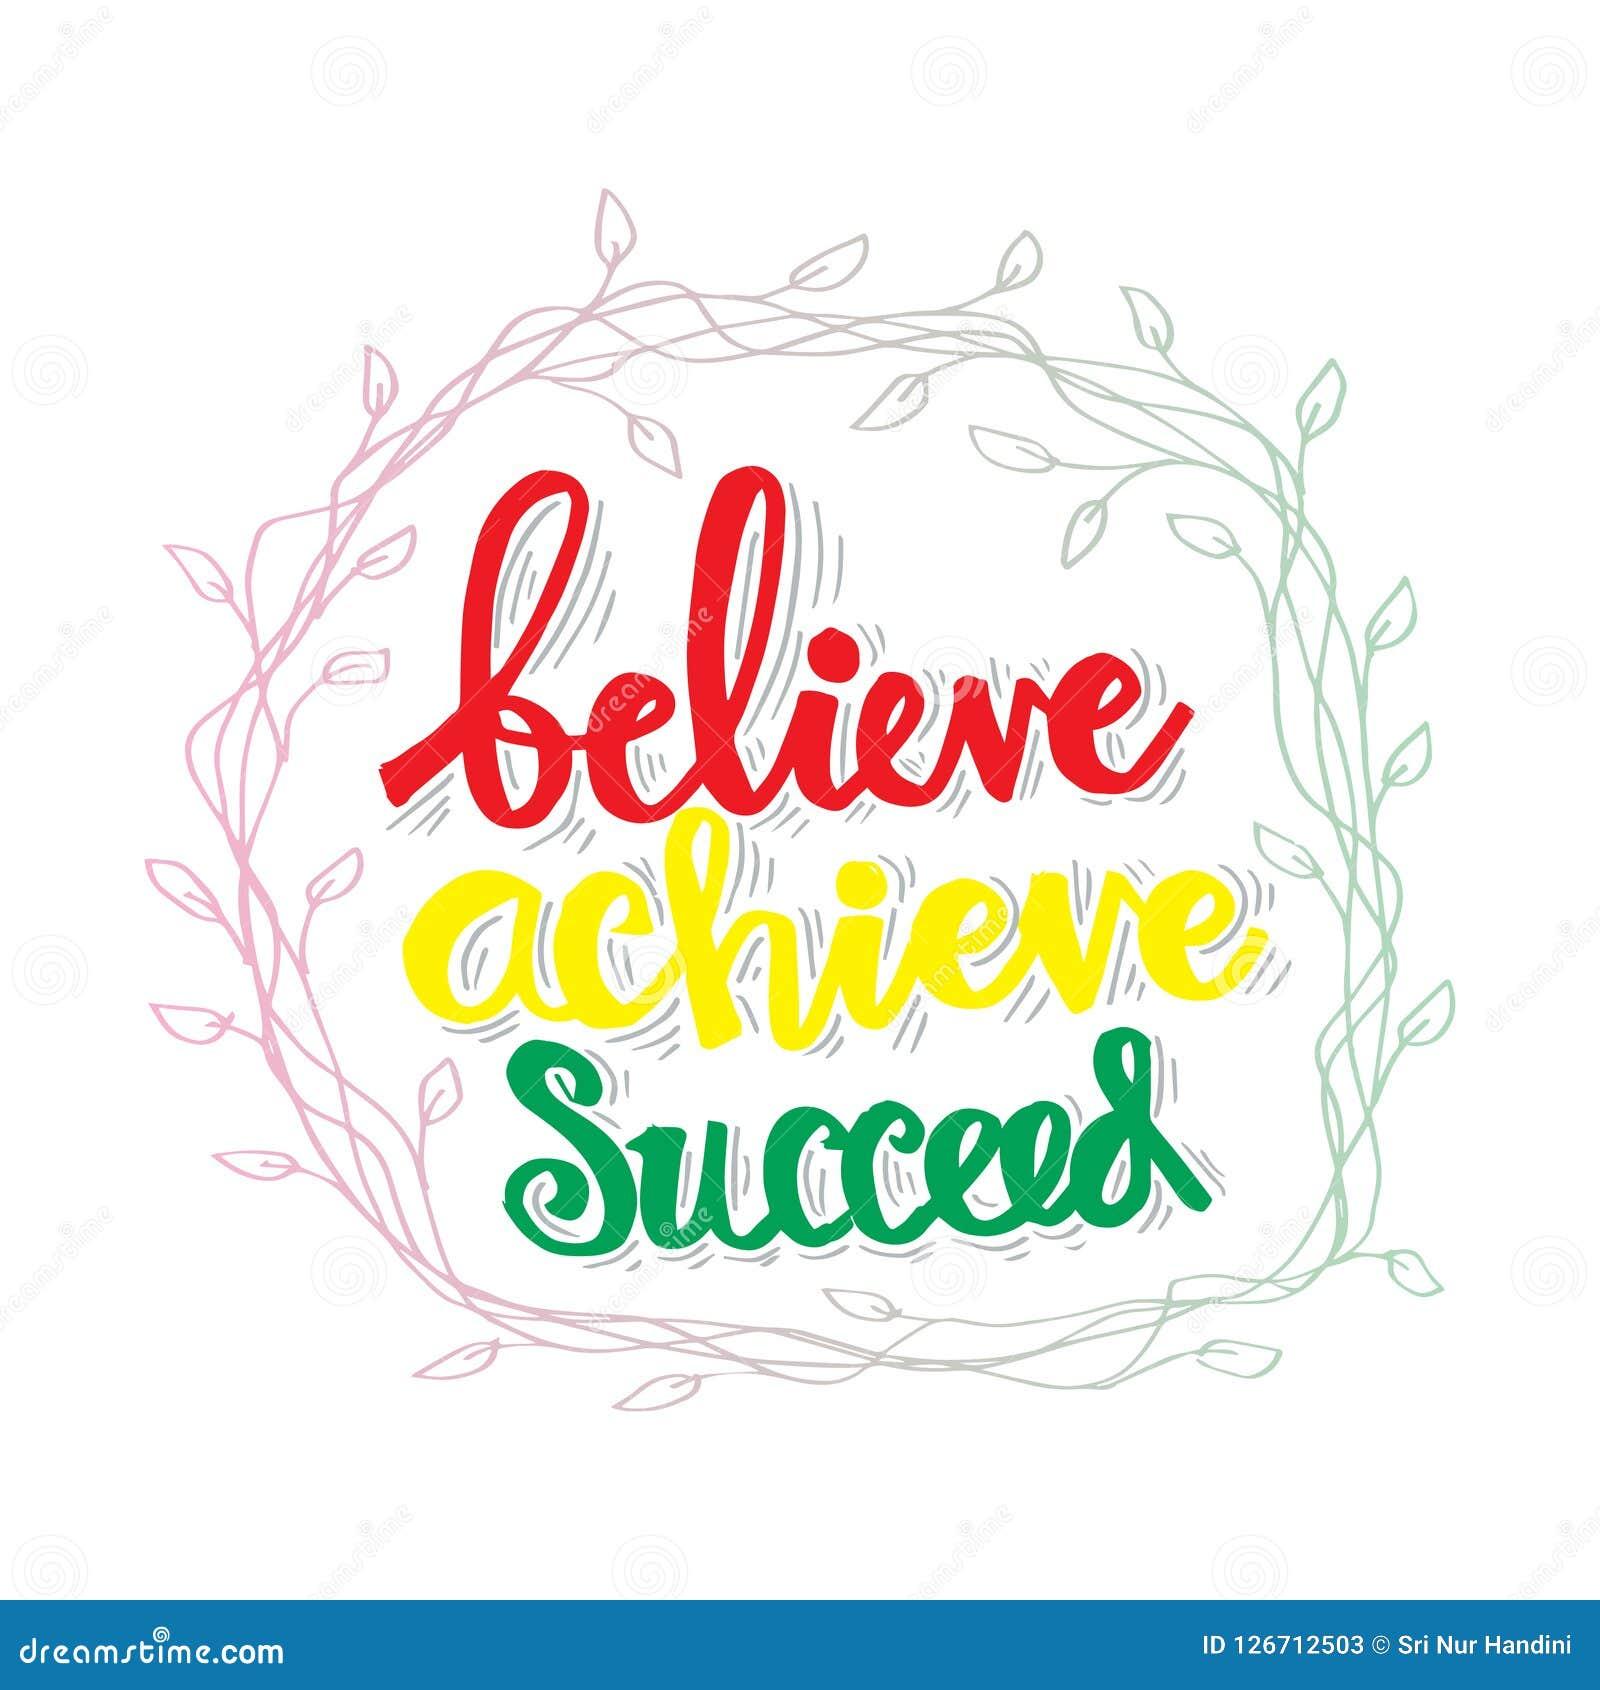 Believe achieve succeed.